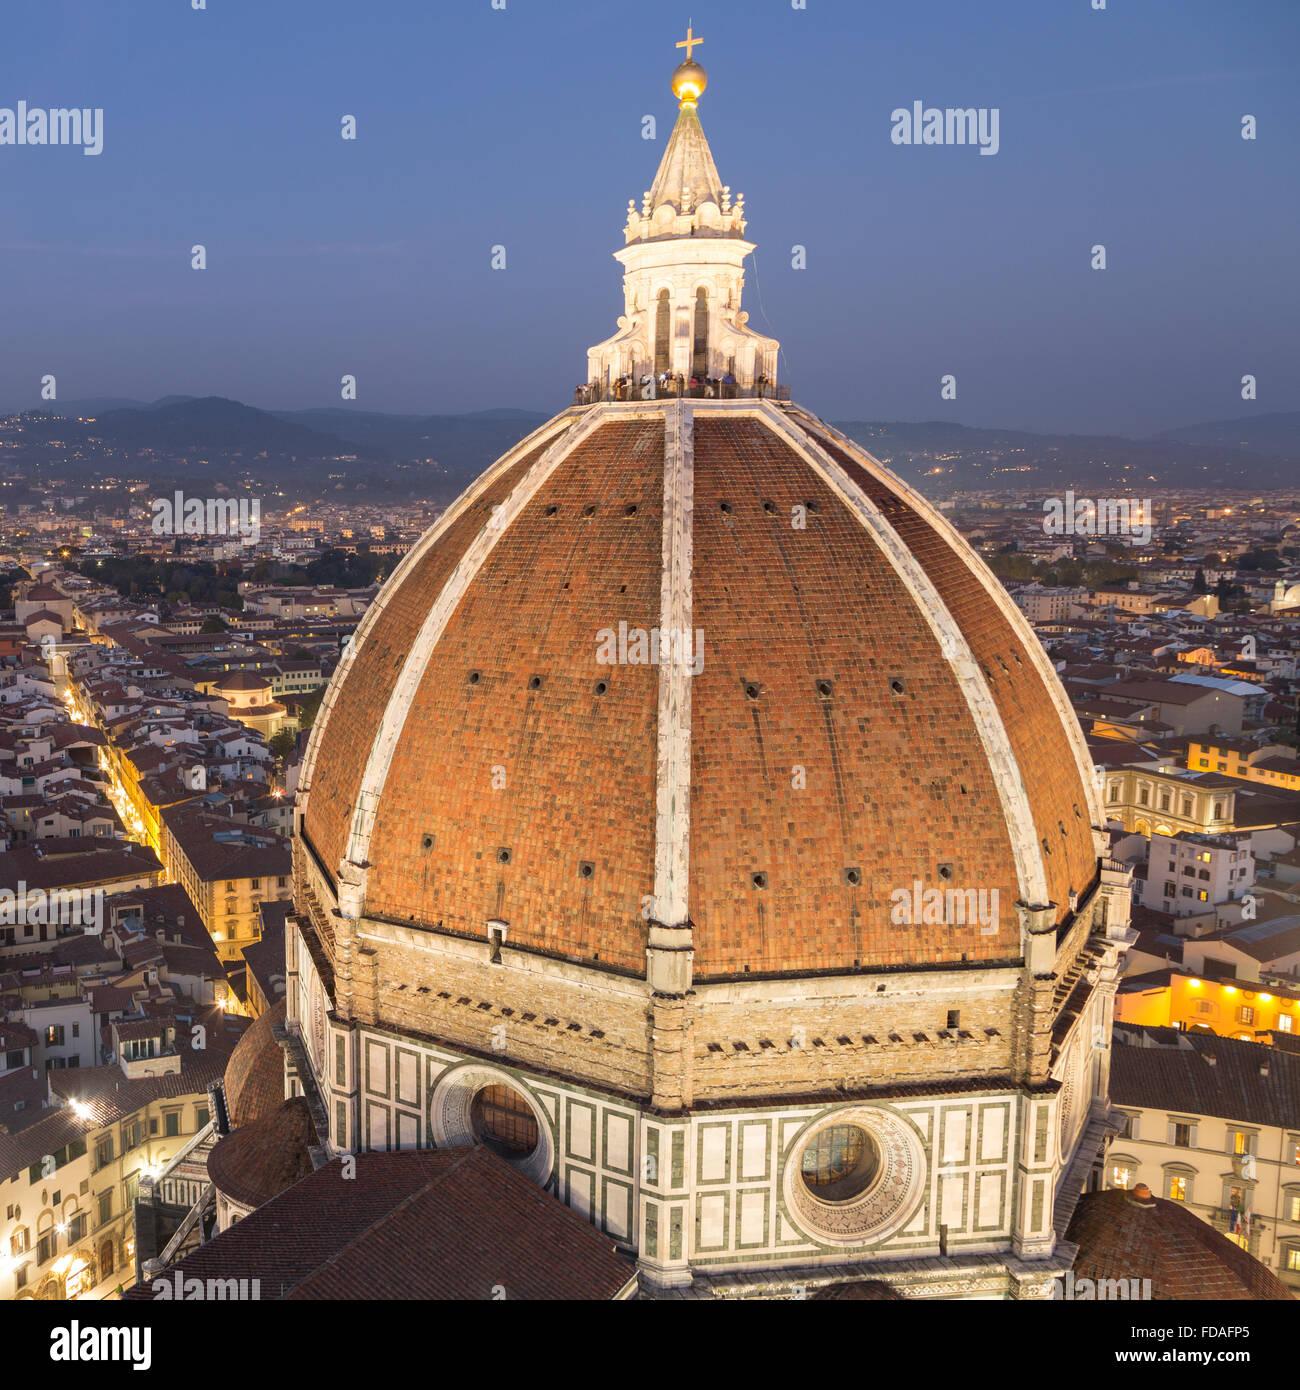 Kathedrale von Florenz, Kuppel mit historischen Zentrum in der Abenddämmerung, Florenz, Toskana, Italien Stockbild